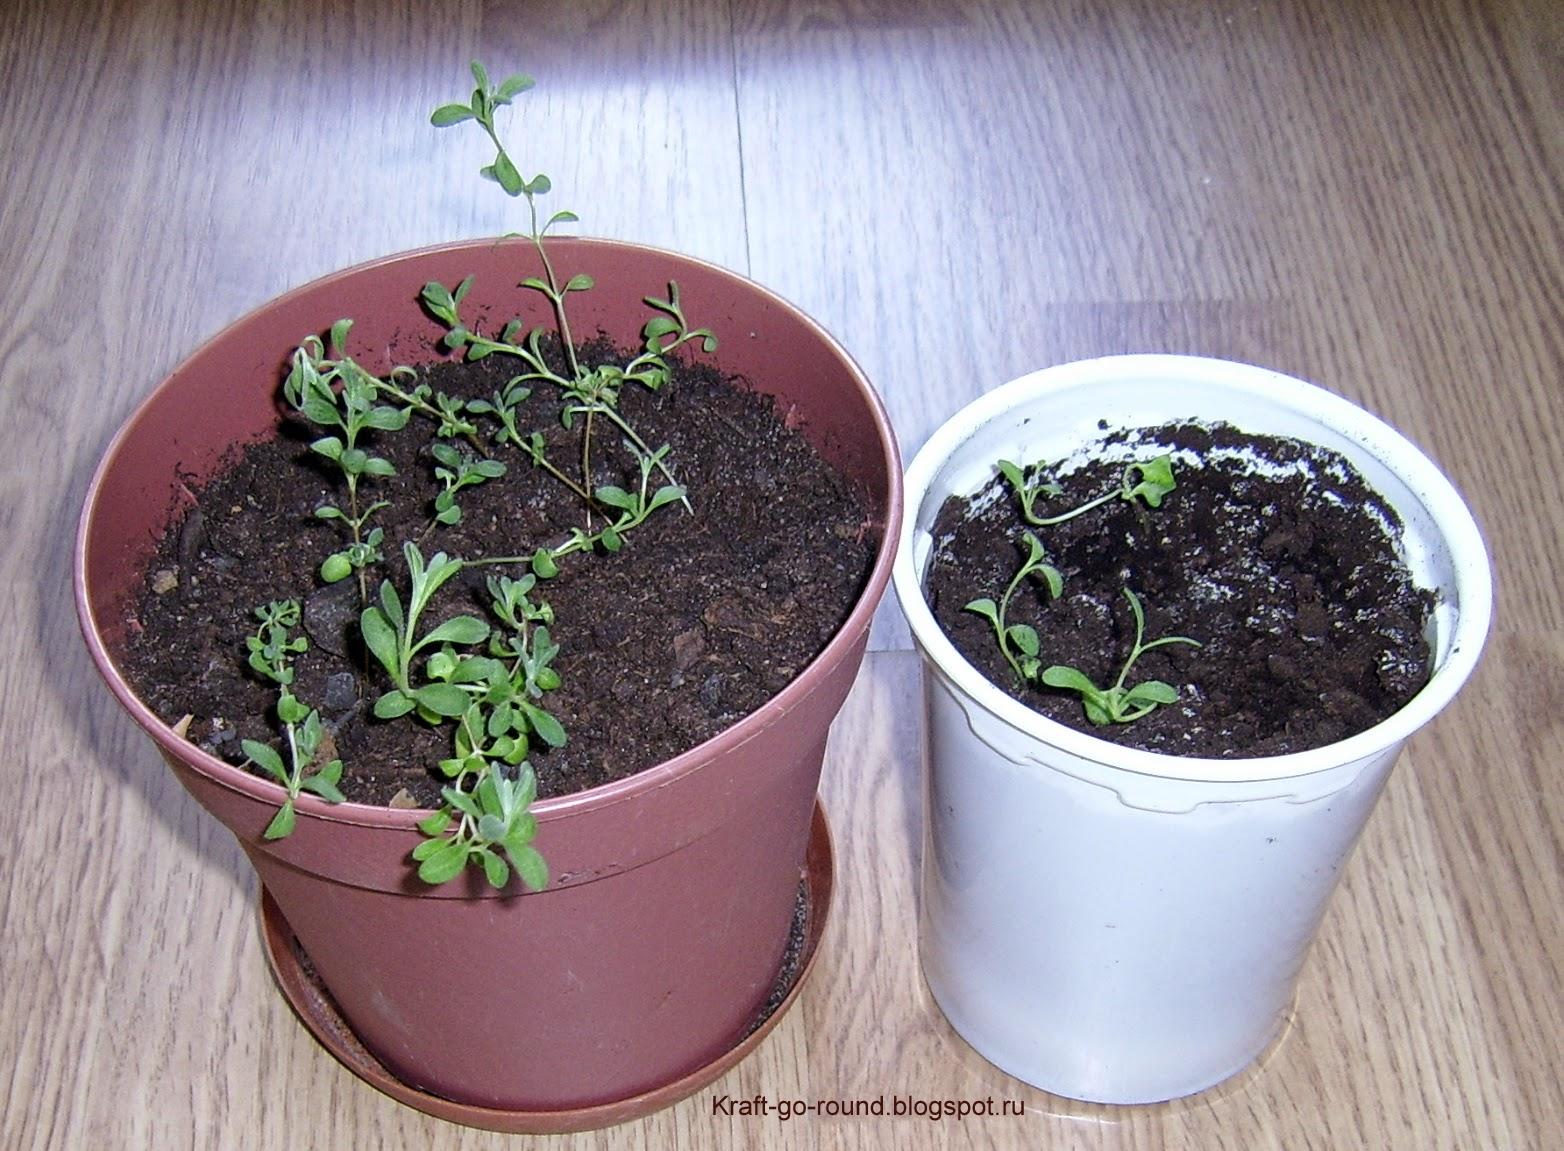 Лаванда посадка и уход, выращивание из семян 100